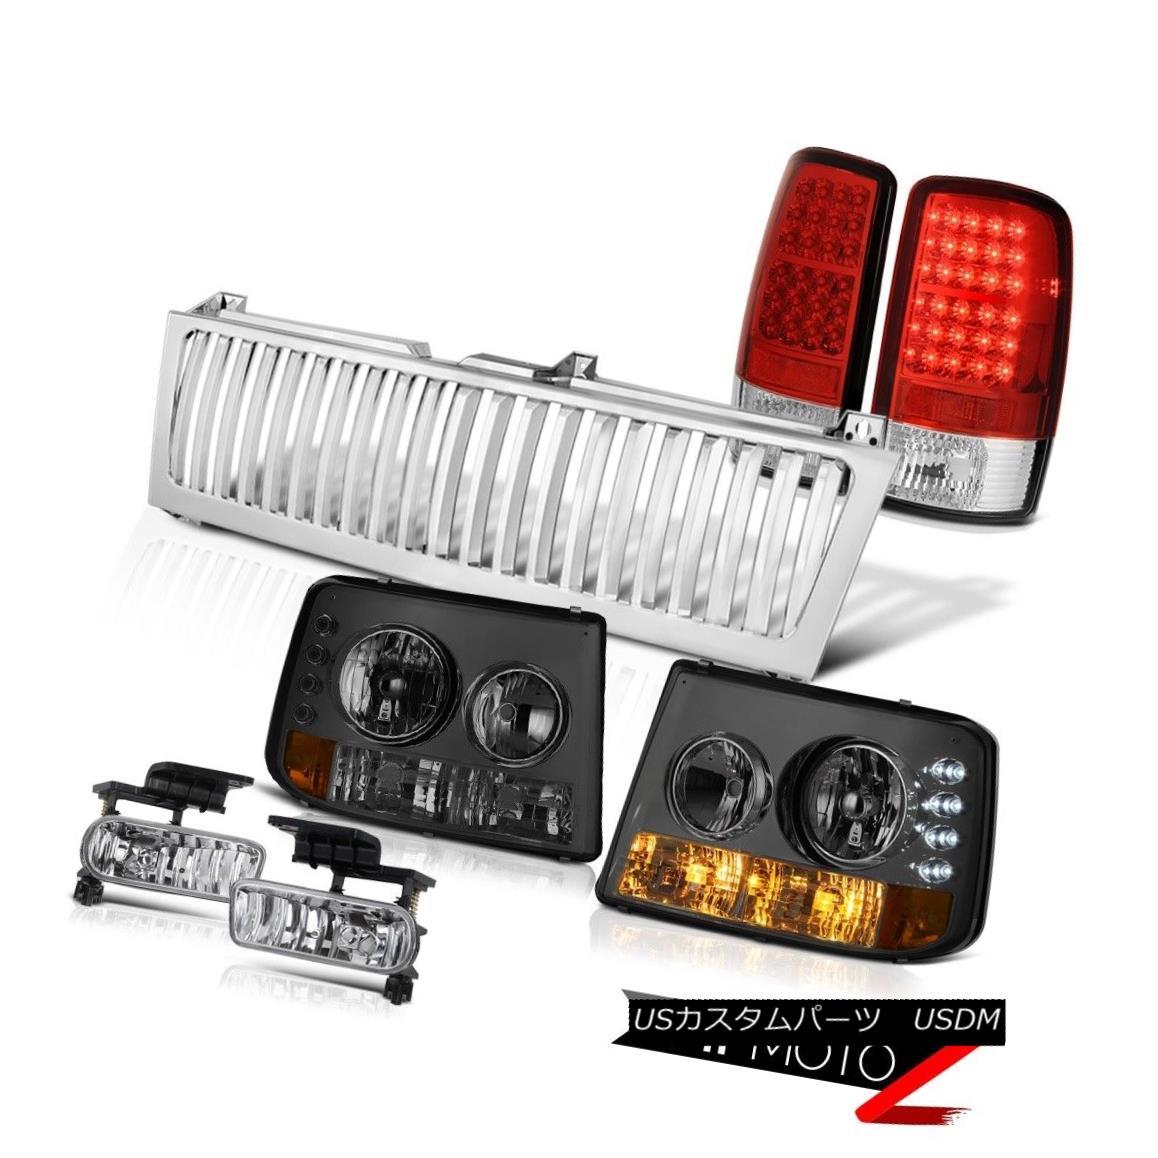 テールライト 00-2006 Suburban LT Smoke Headlights LED Taillight Red Driving Fog Chrome Grille 00-2006郊外LTの煙のヘッドライトLED葉っぱの赤いドライフォグクロムグリル